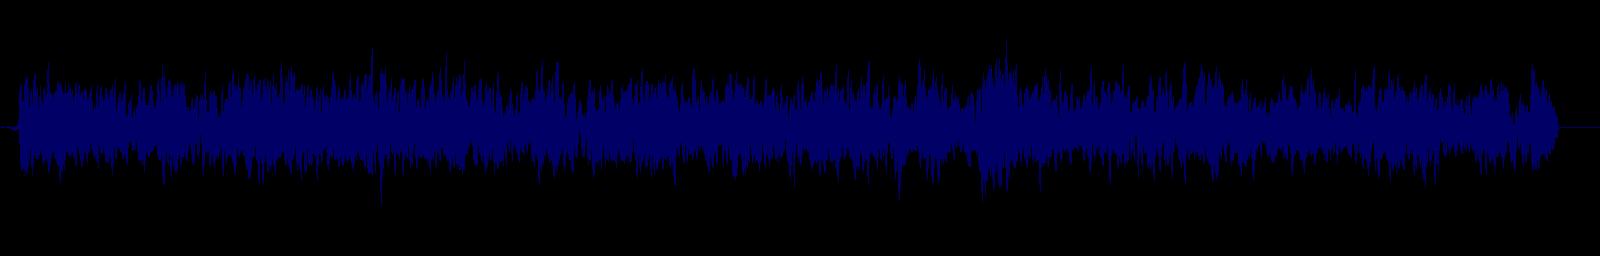 waveform of track #104234